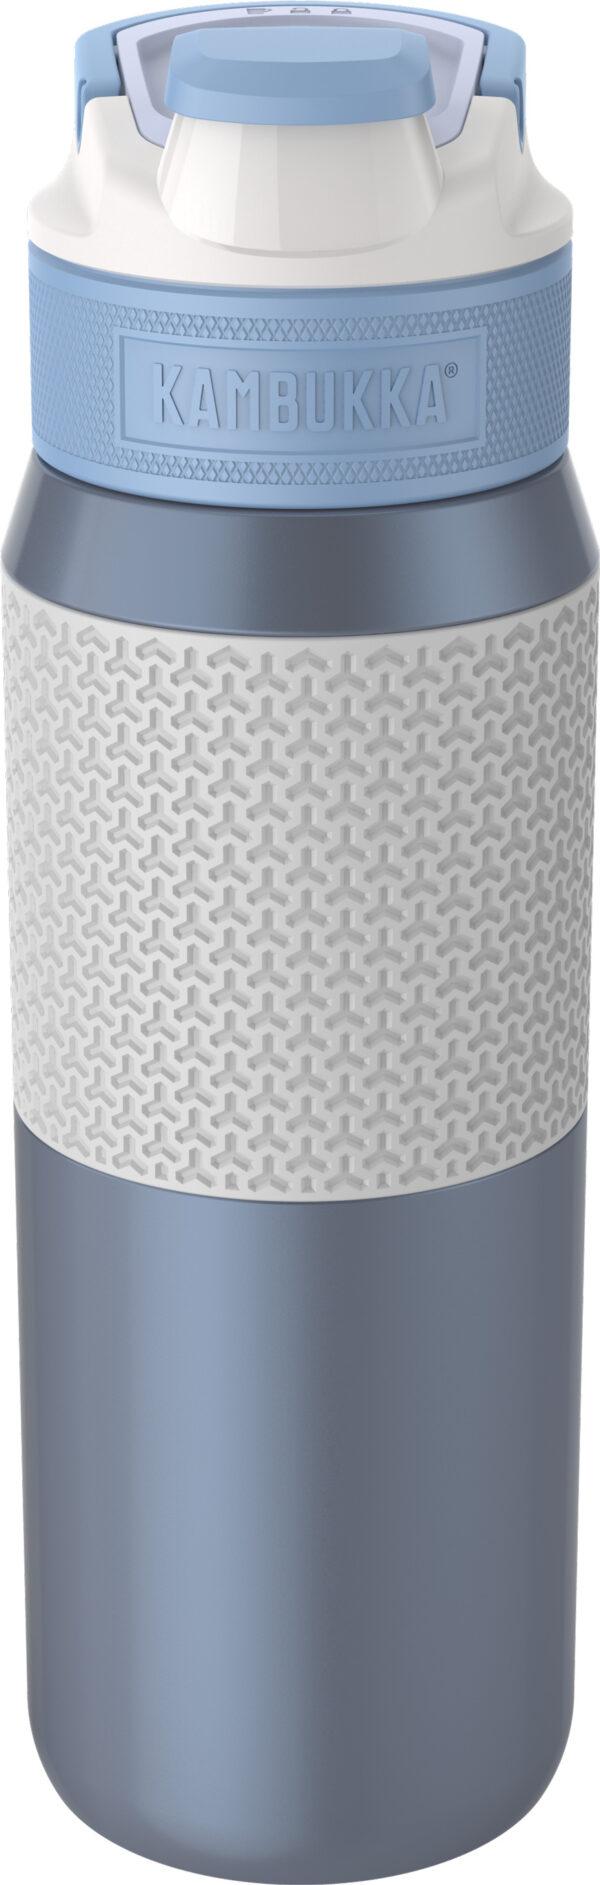 בקבוק שתיה תרמי 750 מ״ל Kambukka Elton Insulated Sky Blue קמבוקה